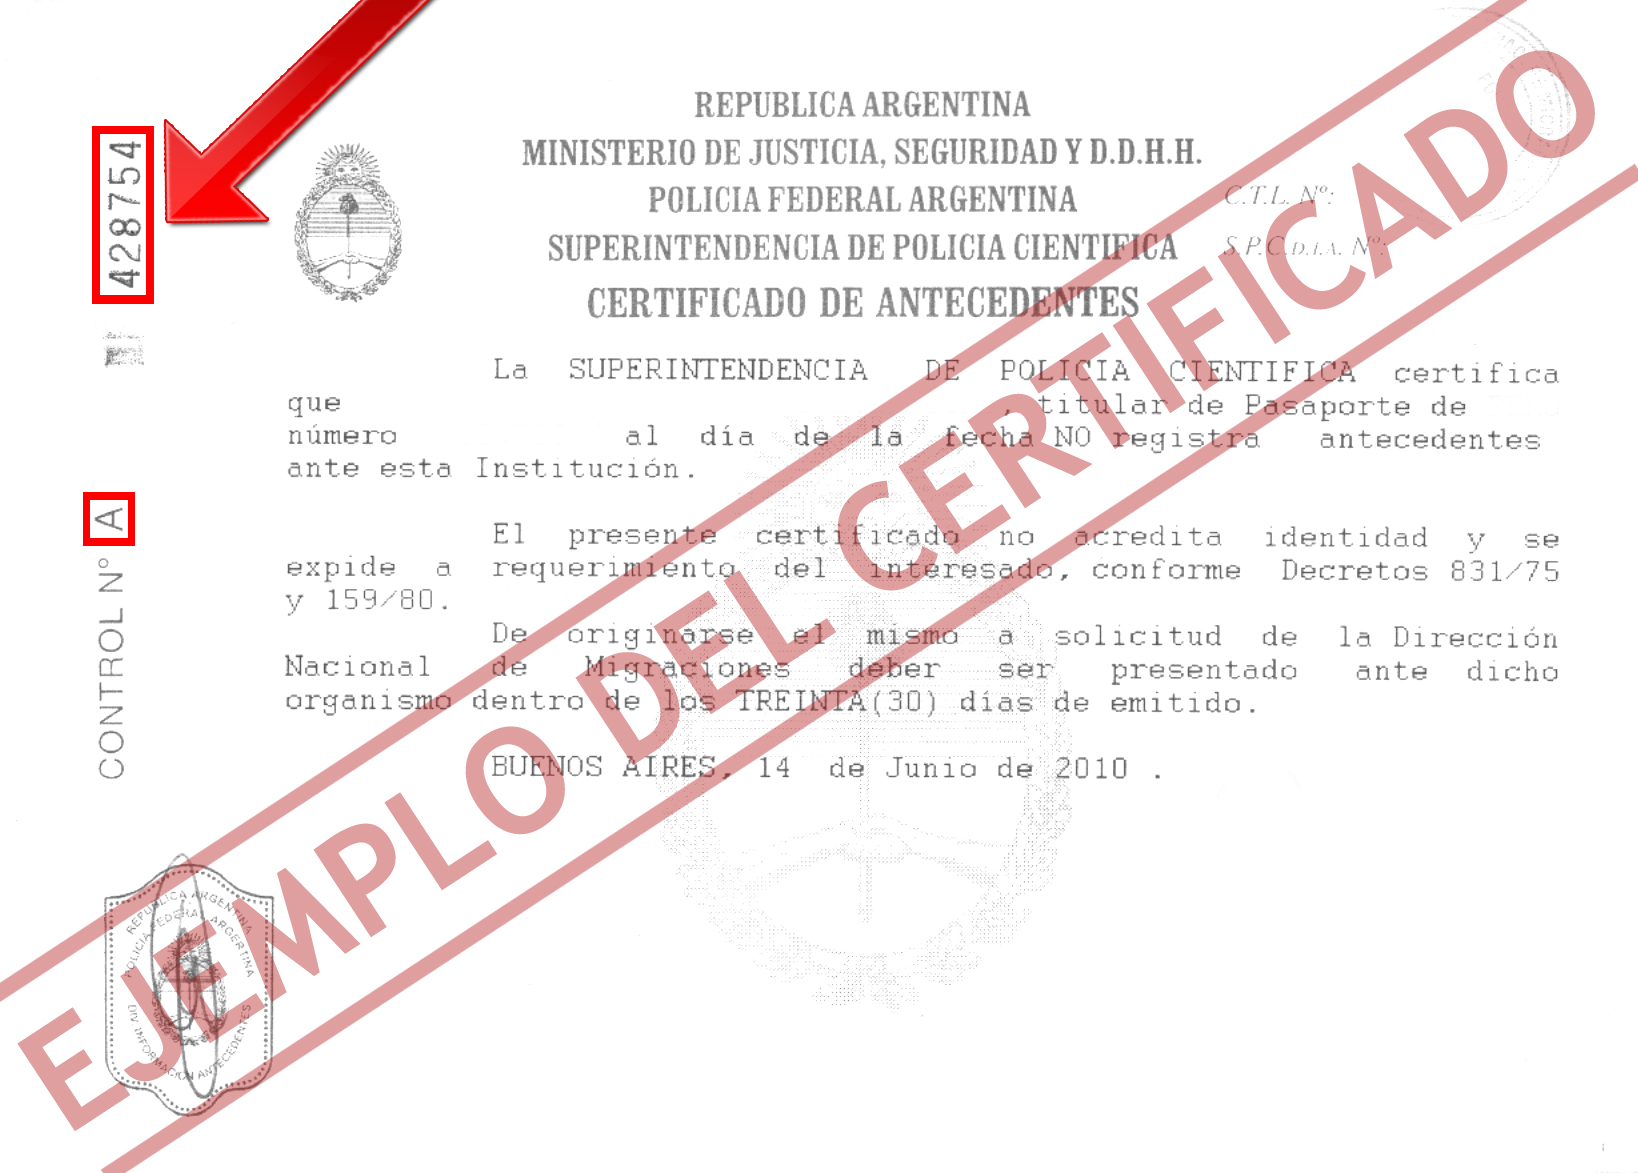 Certificado de antecedentes penales argentinos por la policia federal